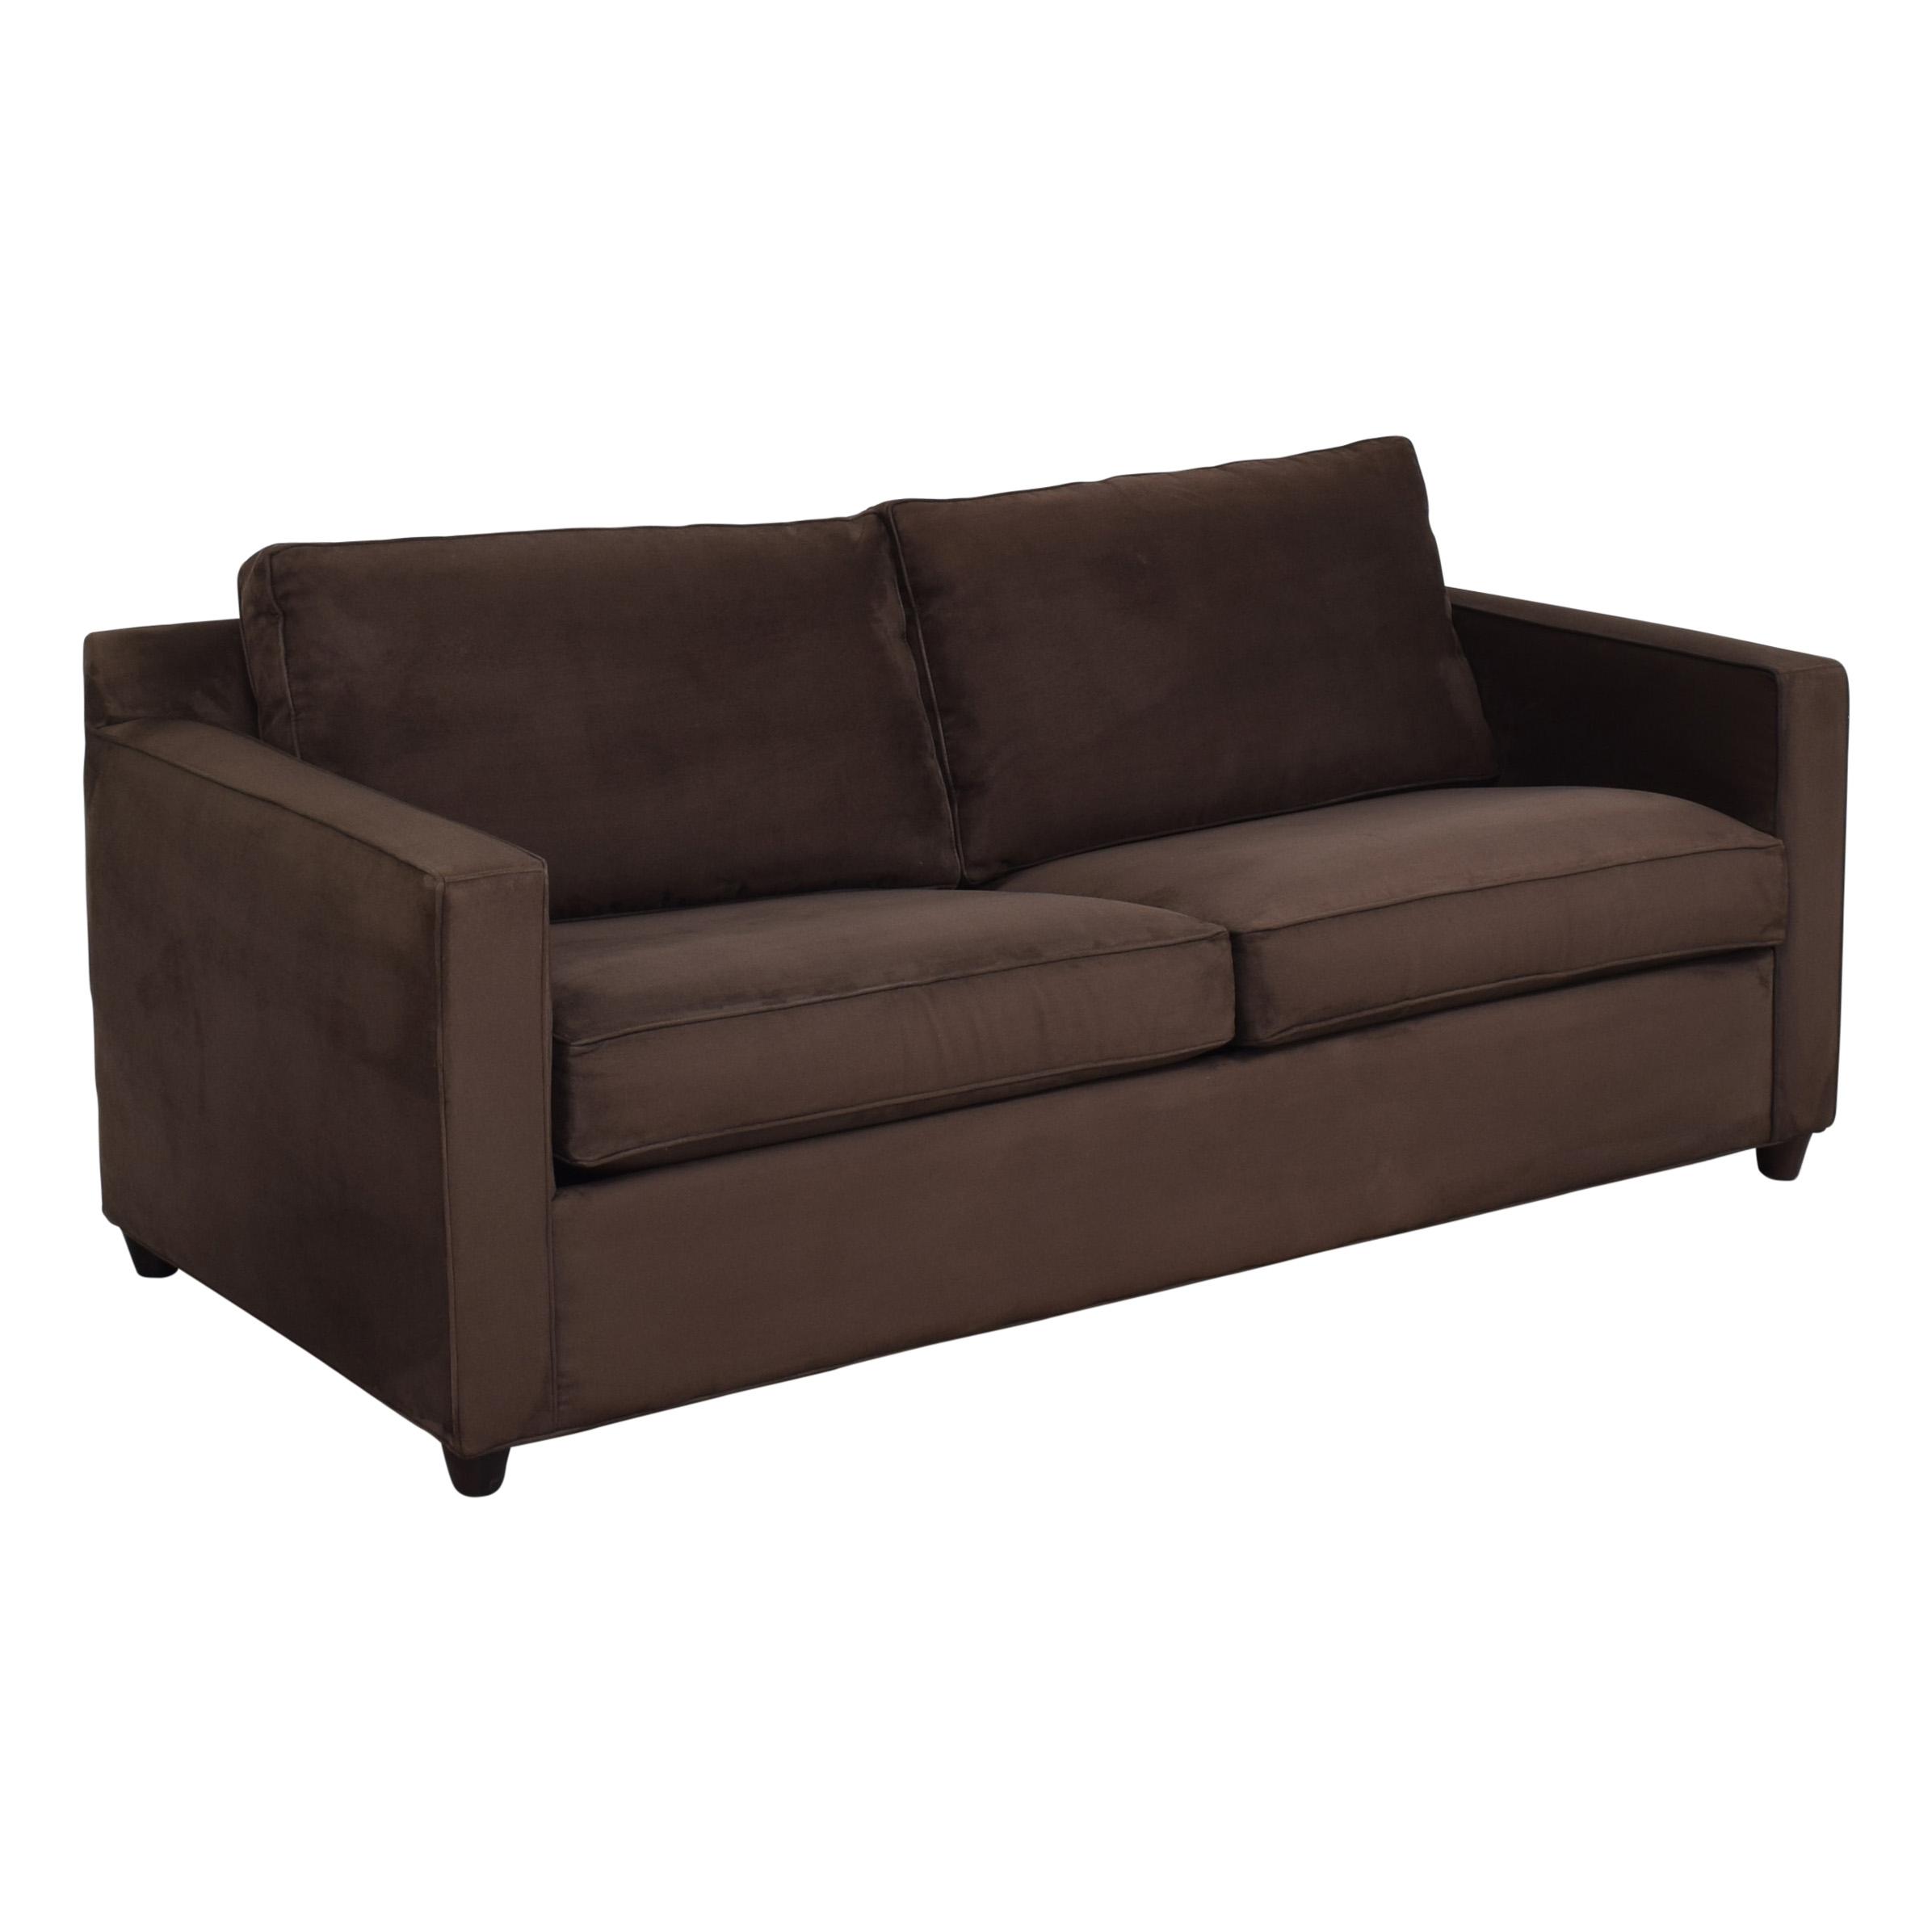 Crate & Barrel Crate & Barrel Barrett Queen Sleeper Sofa